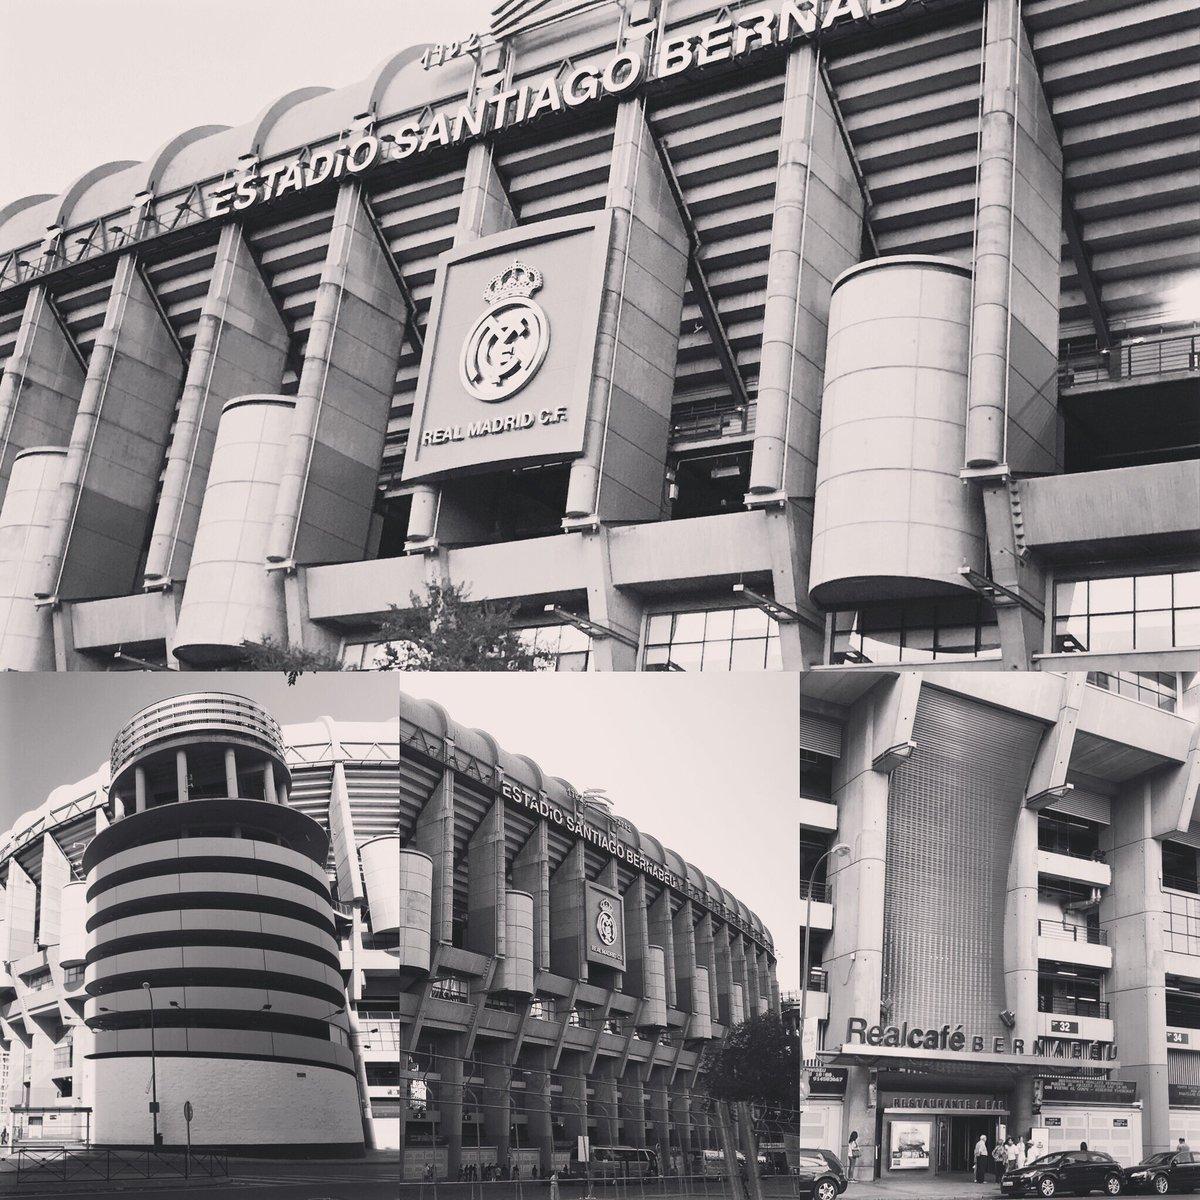 Desde casa ... @realmadrid el más lindo, el más hermoso, todo es fiesta !!! 🏟 #estadiosantiagobernabeu #halamadrid #unico #casa #halamadridynadamas